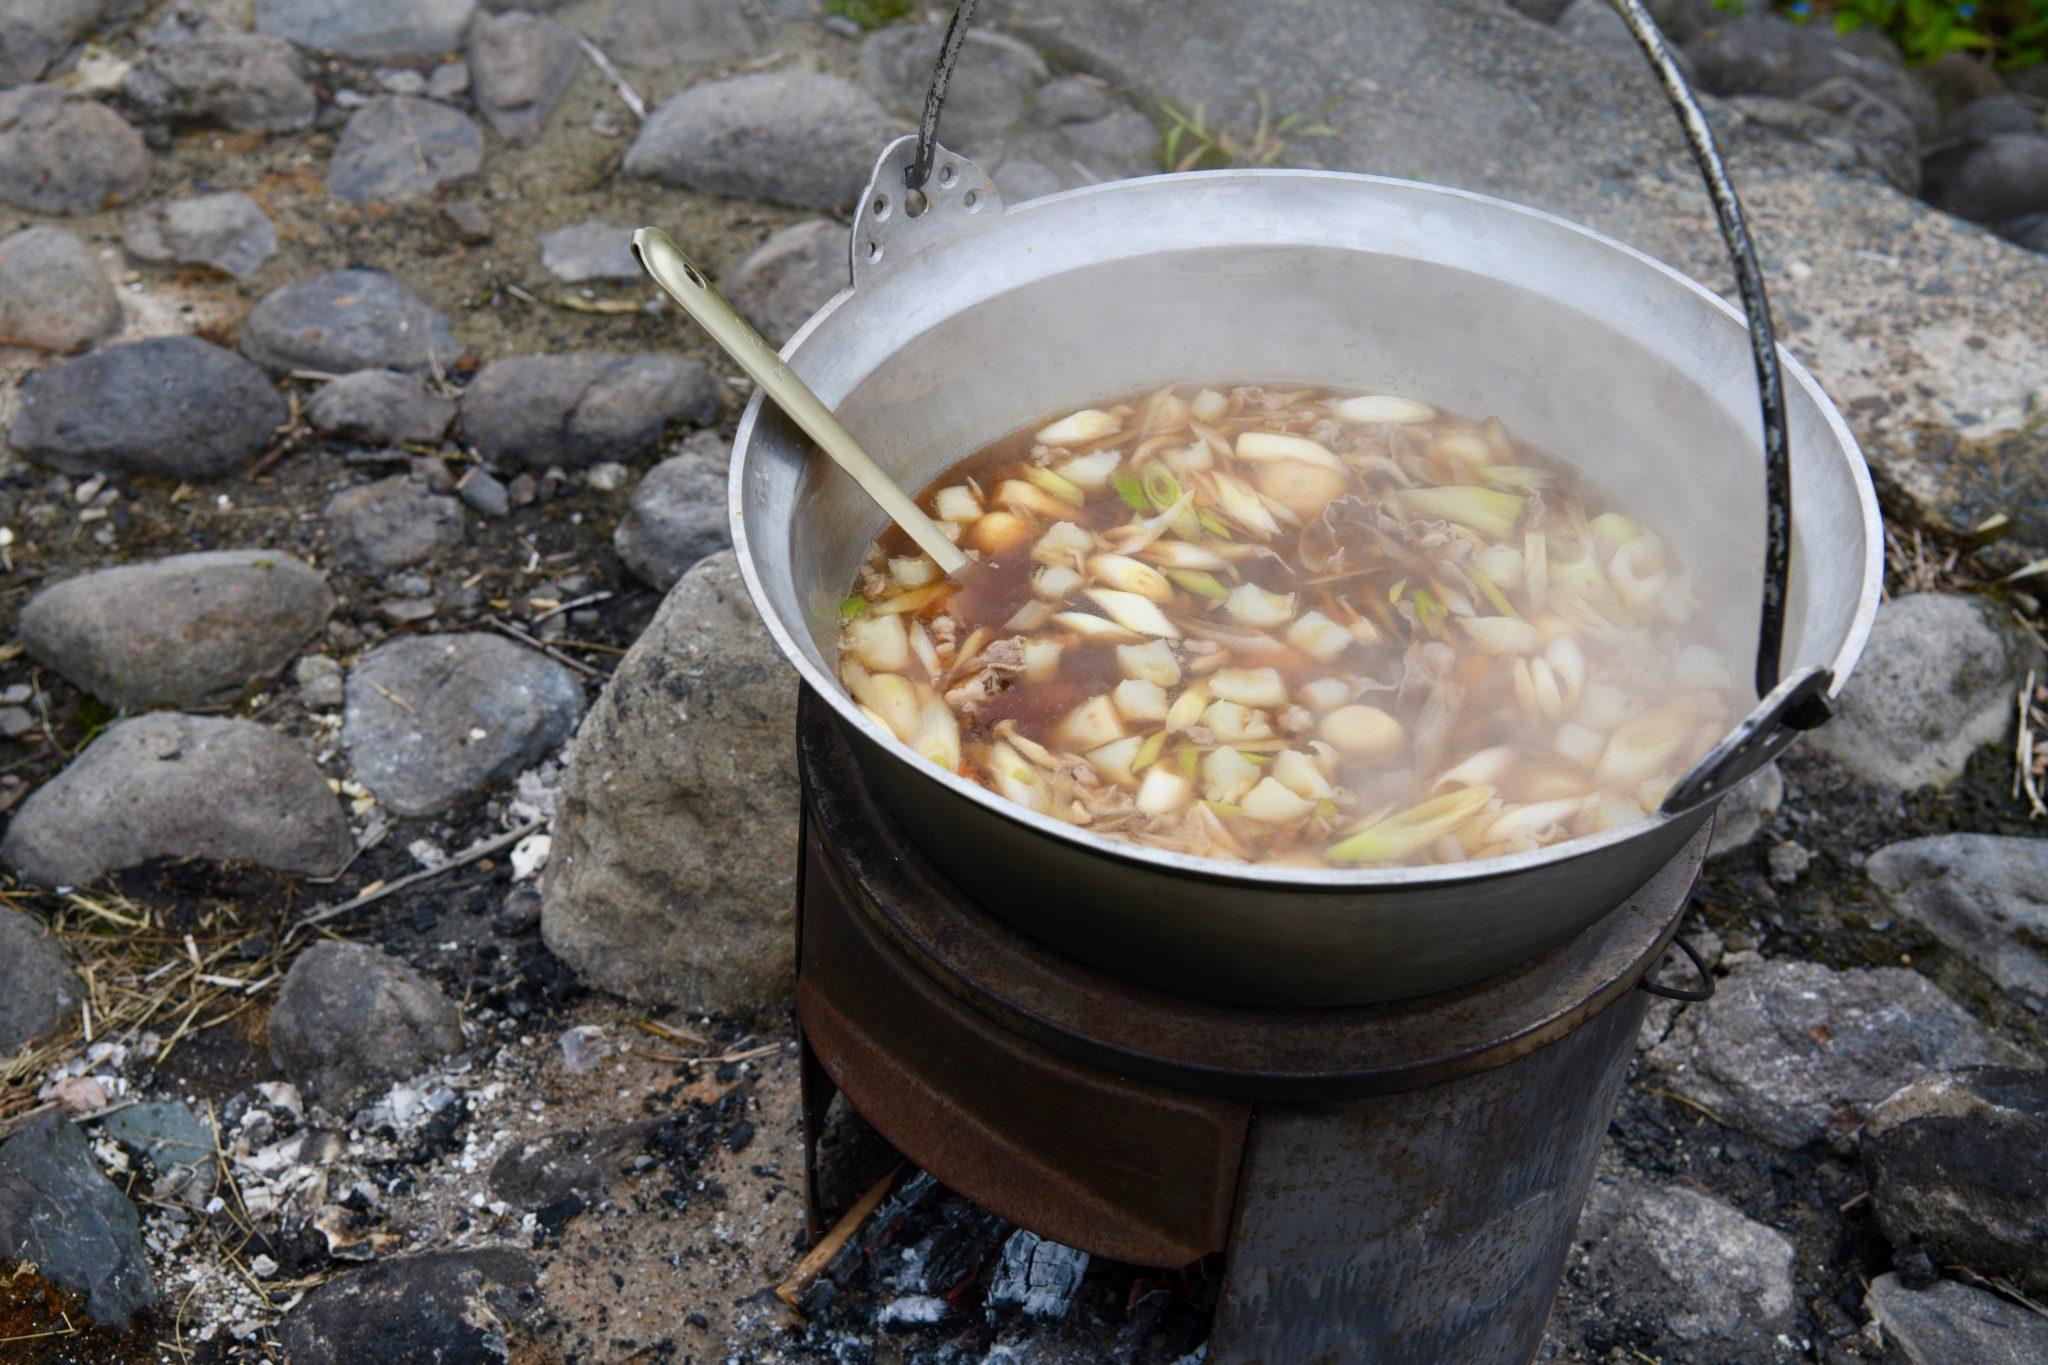 【おもしろ体験】山形秋の風物詩!山形の地元民的芋煮会をまるっと体験ハイヤープラン